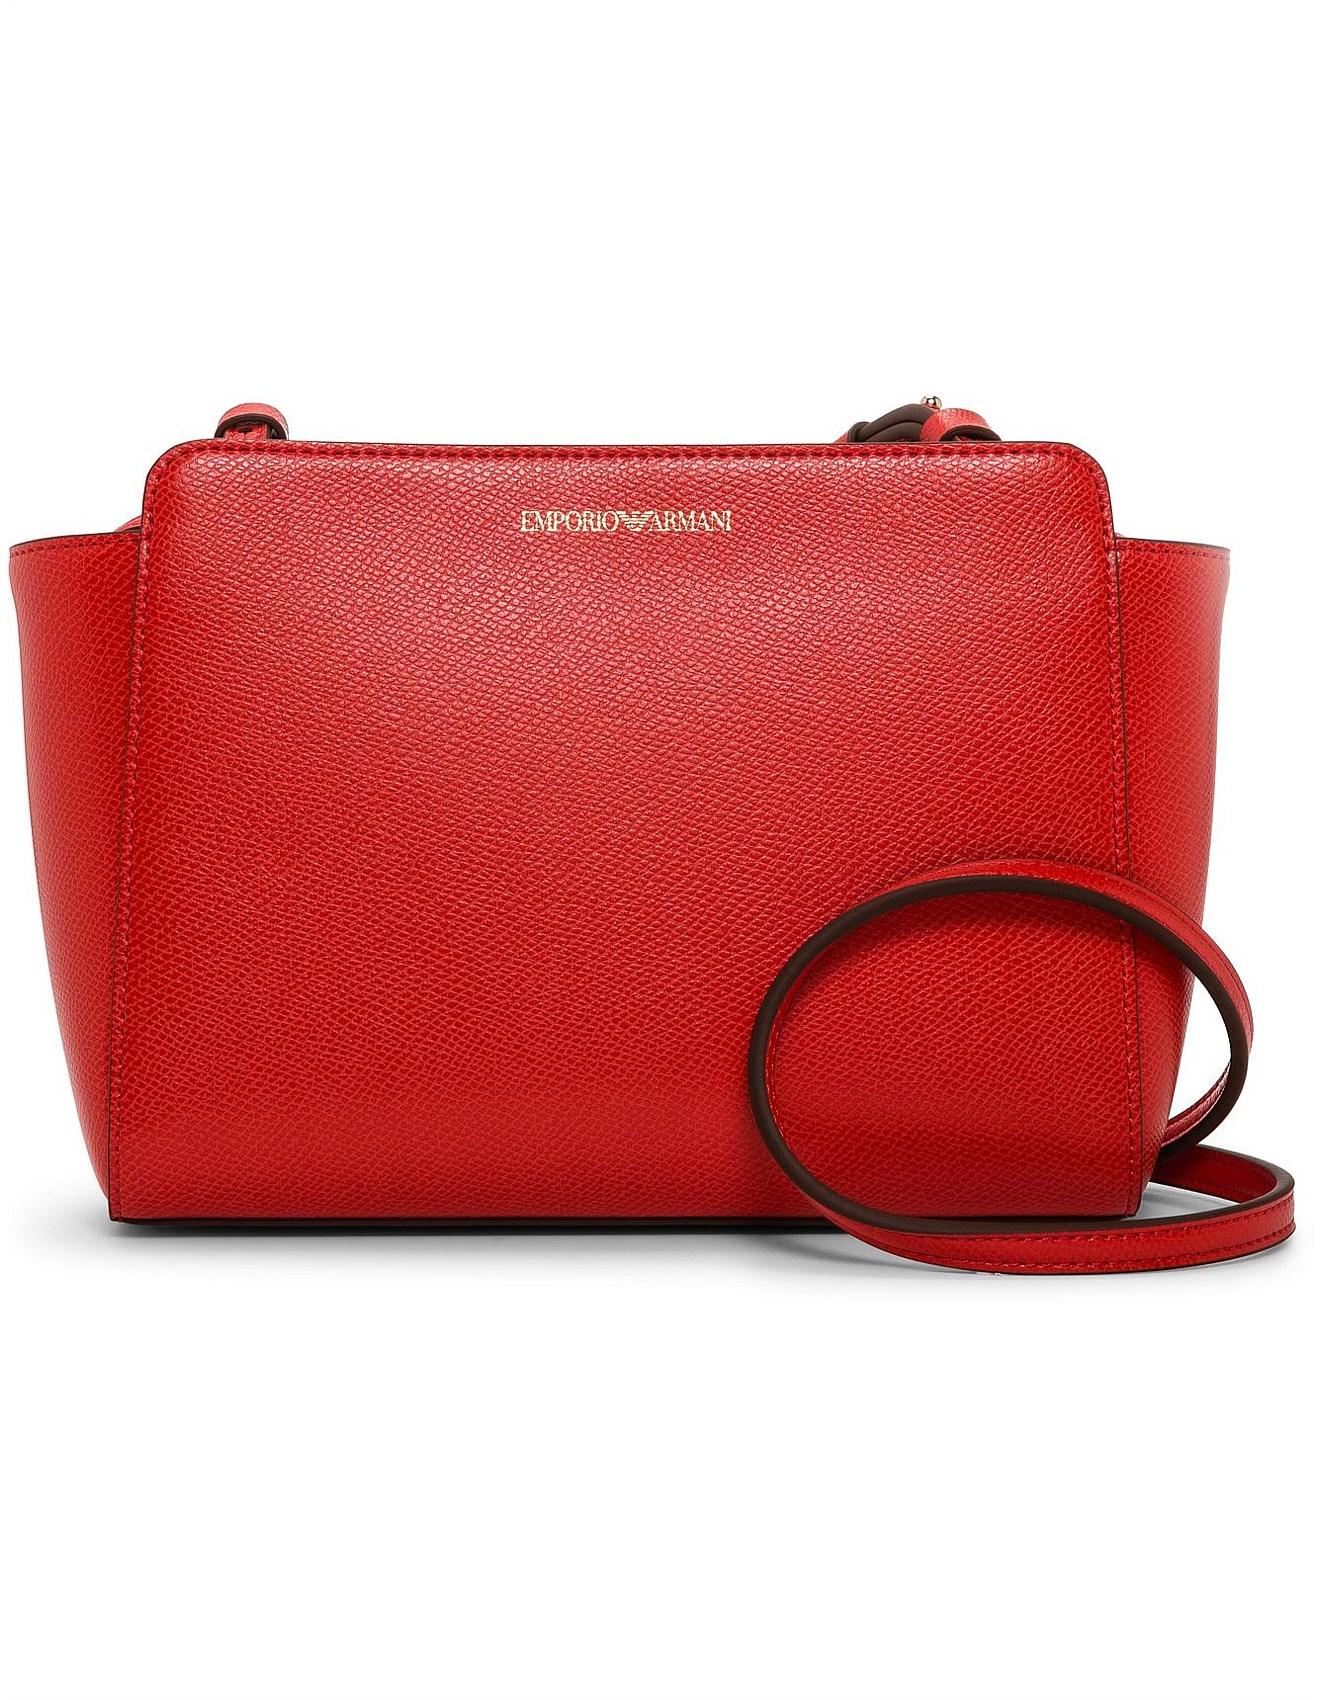 e28cabb8b5b Bags   Accessories Sale